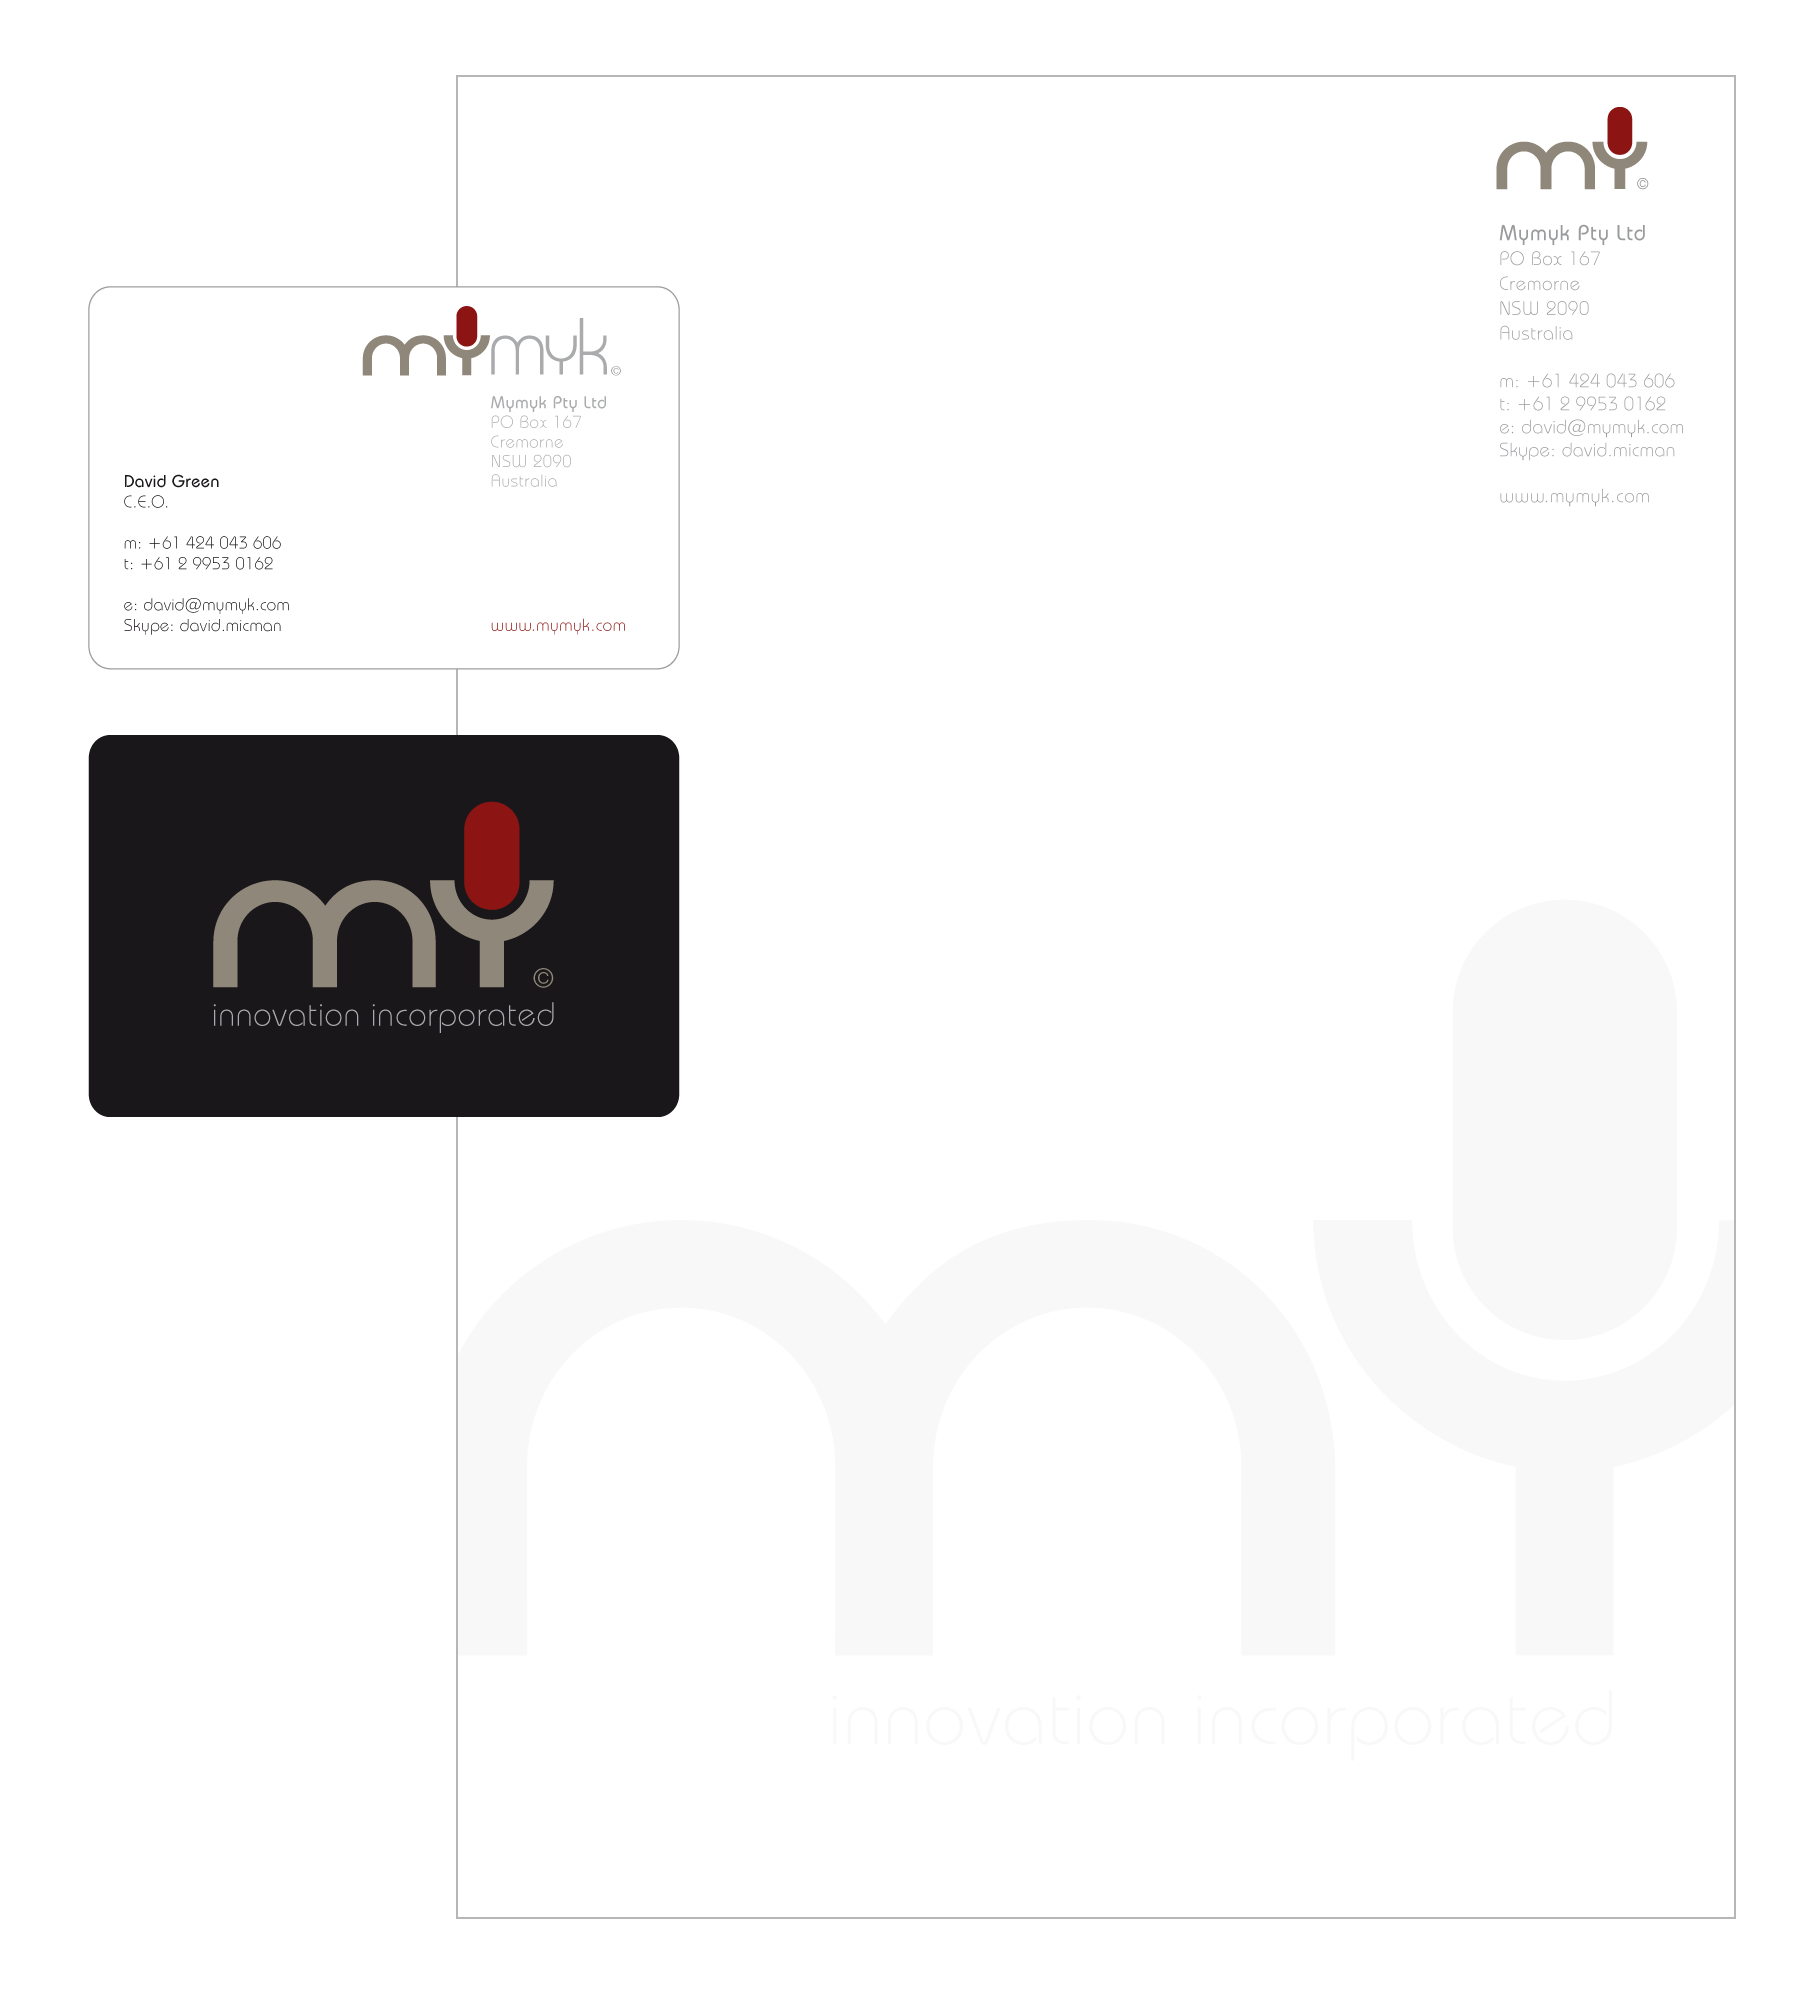 mymyk_stationery